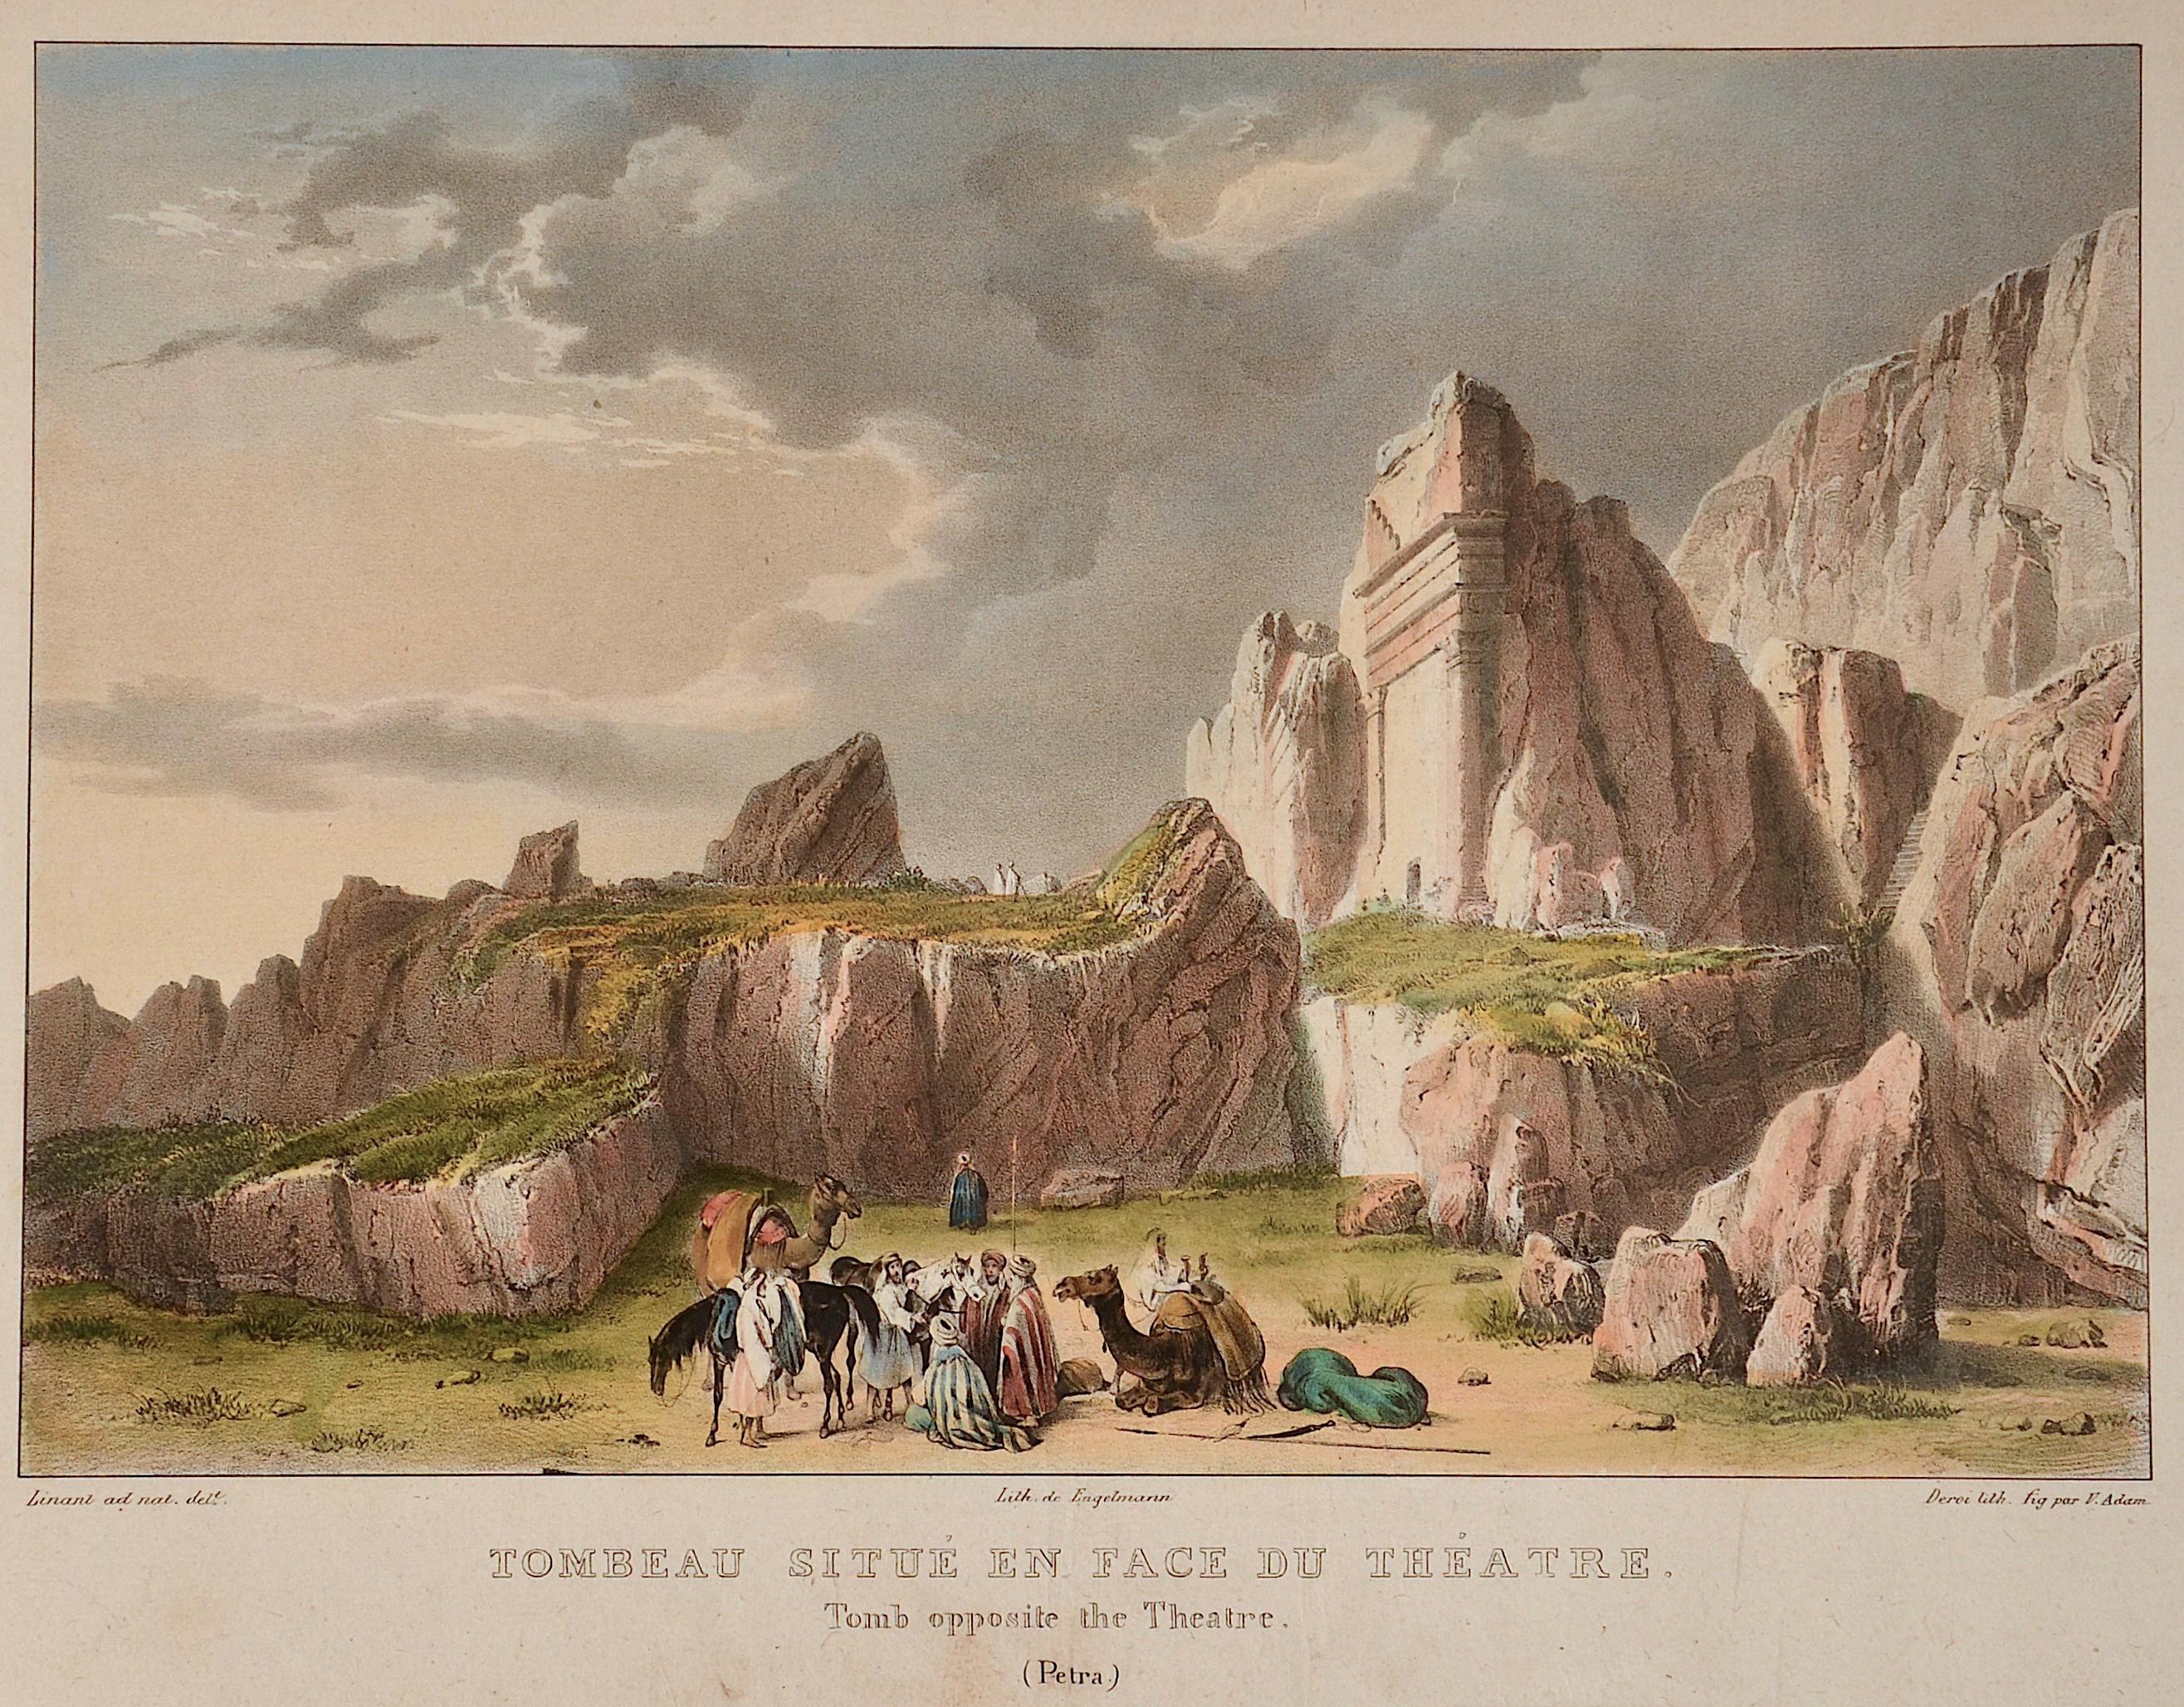 Engelmann  Tombeau situé en fac du theatre/ Tomb opposite the theatre